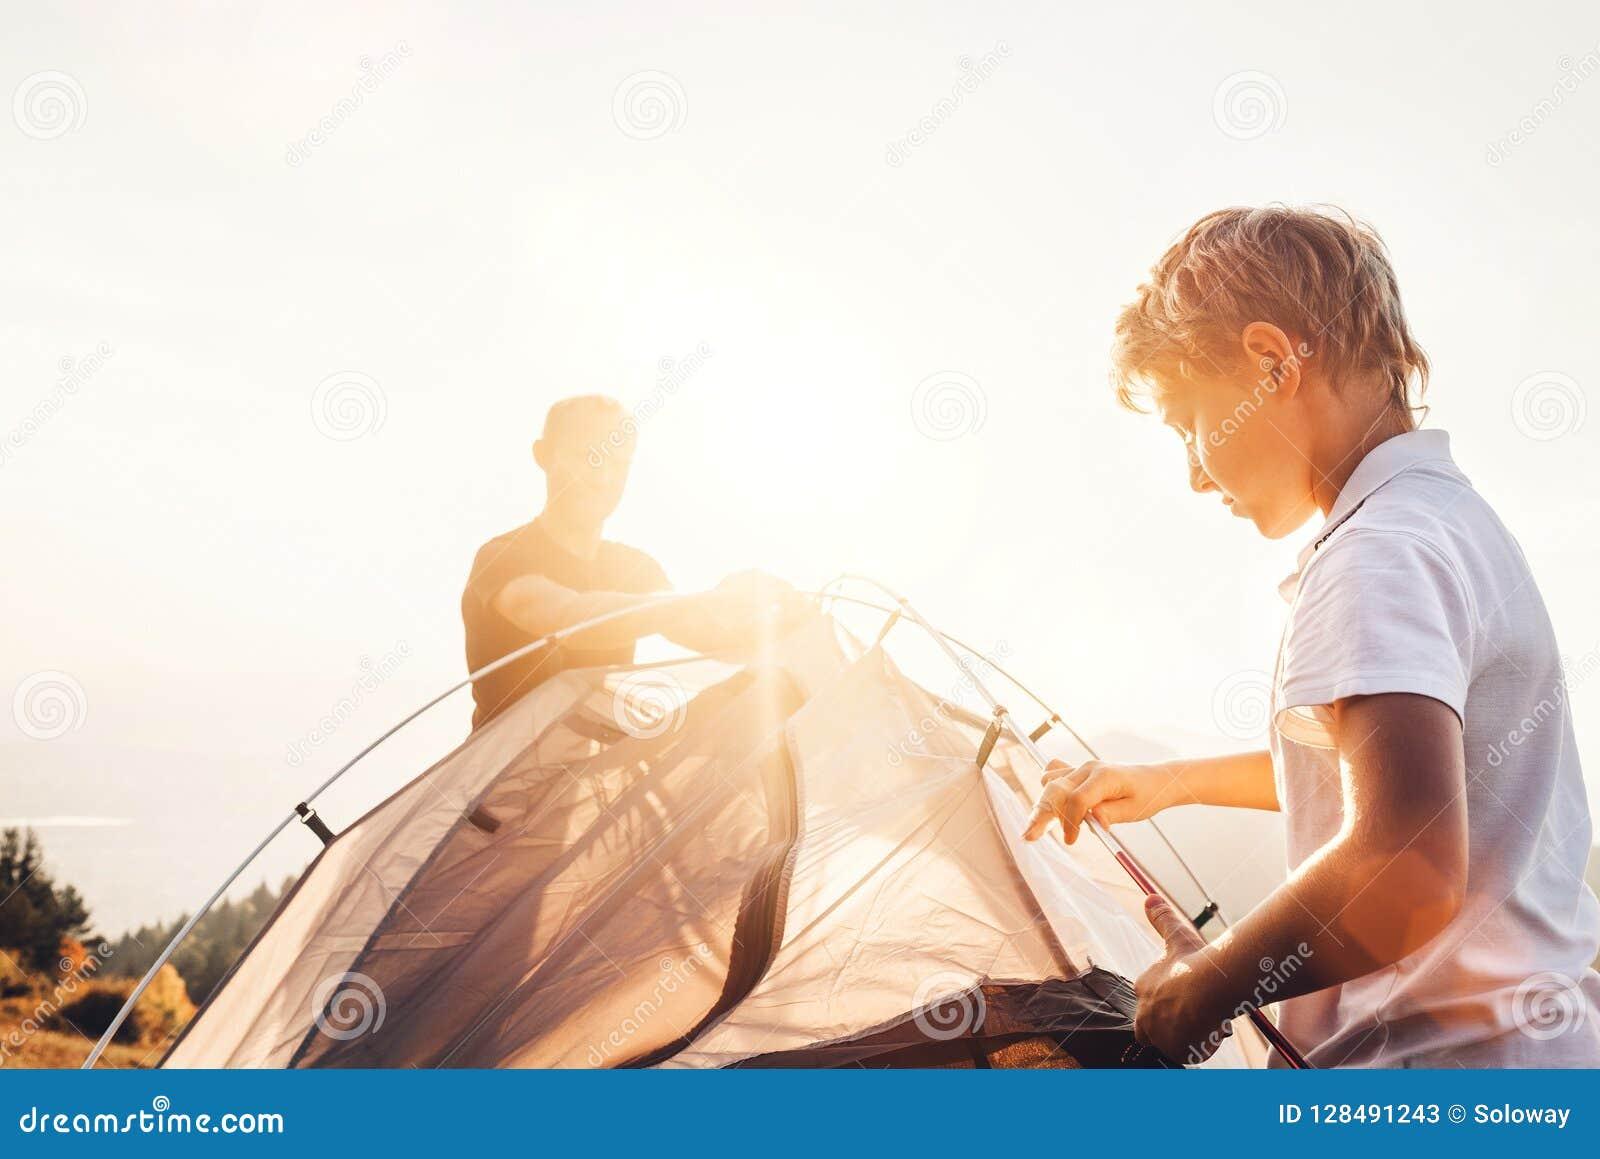 父亲和儿子安装野营的旅游帐篷